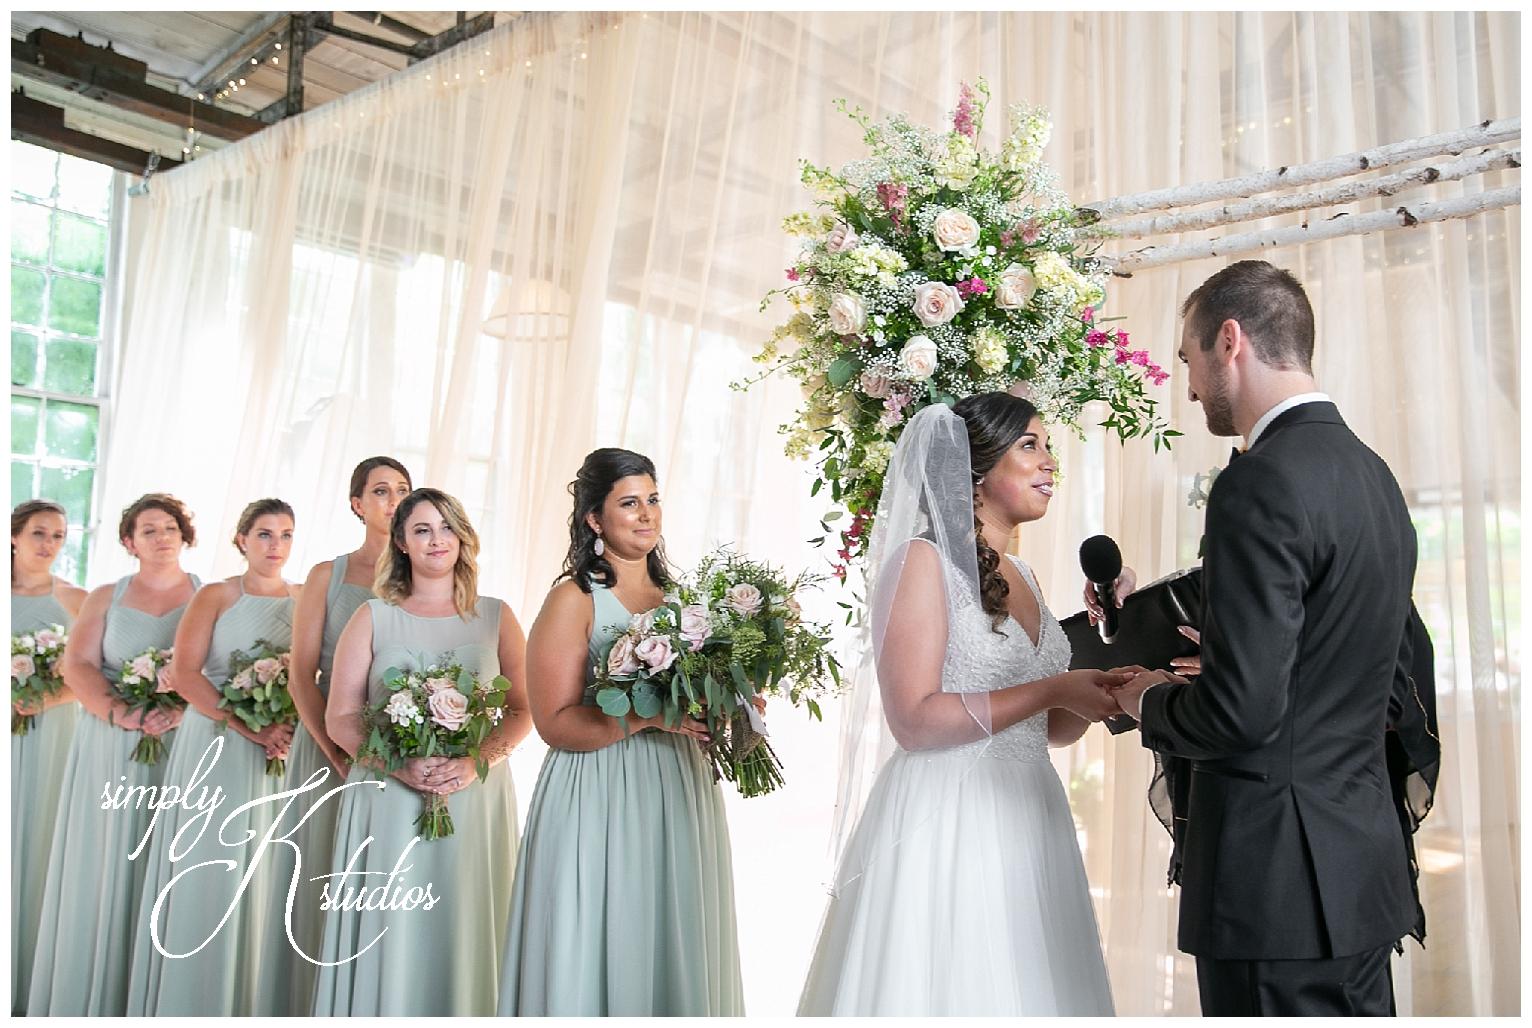 Wedding Venues in CT.jpg